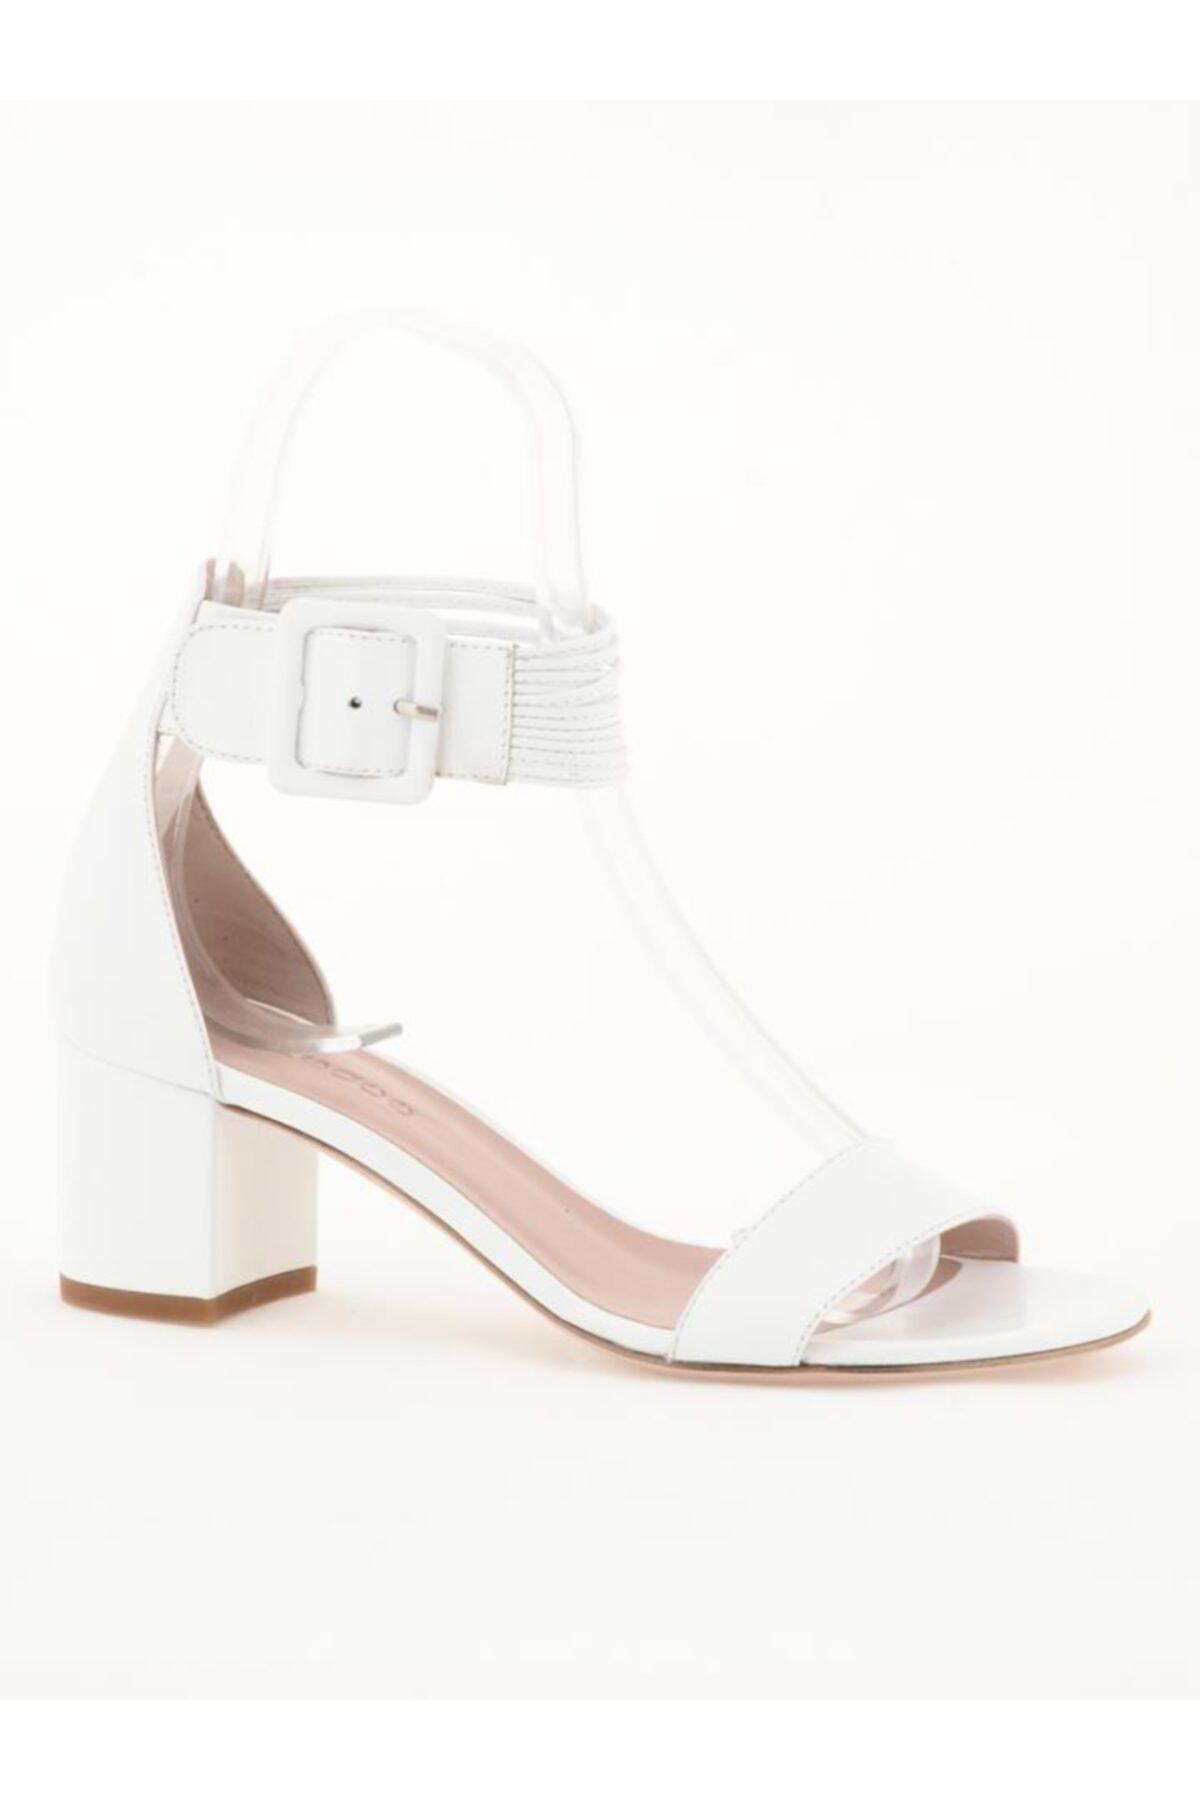 Nursace Hakiki Deri Klasik Topuklu Ayakkabı Nsc19y-a51044 Analın 1